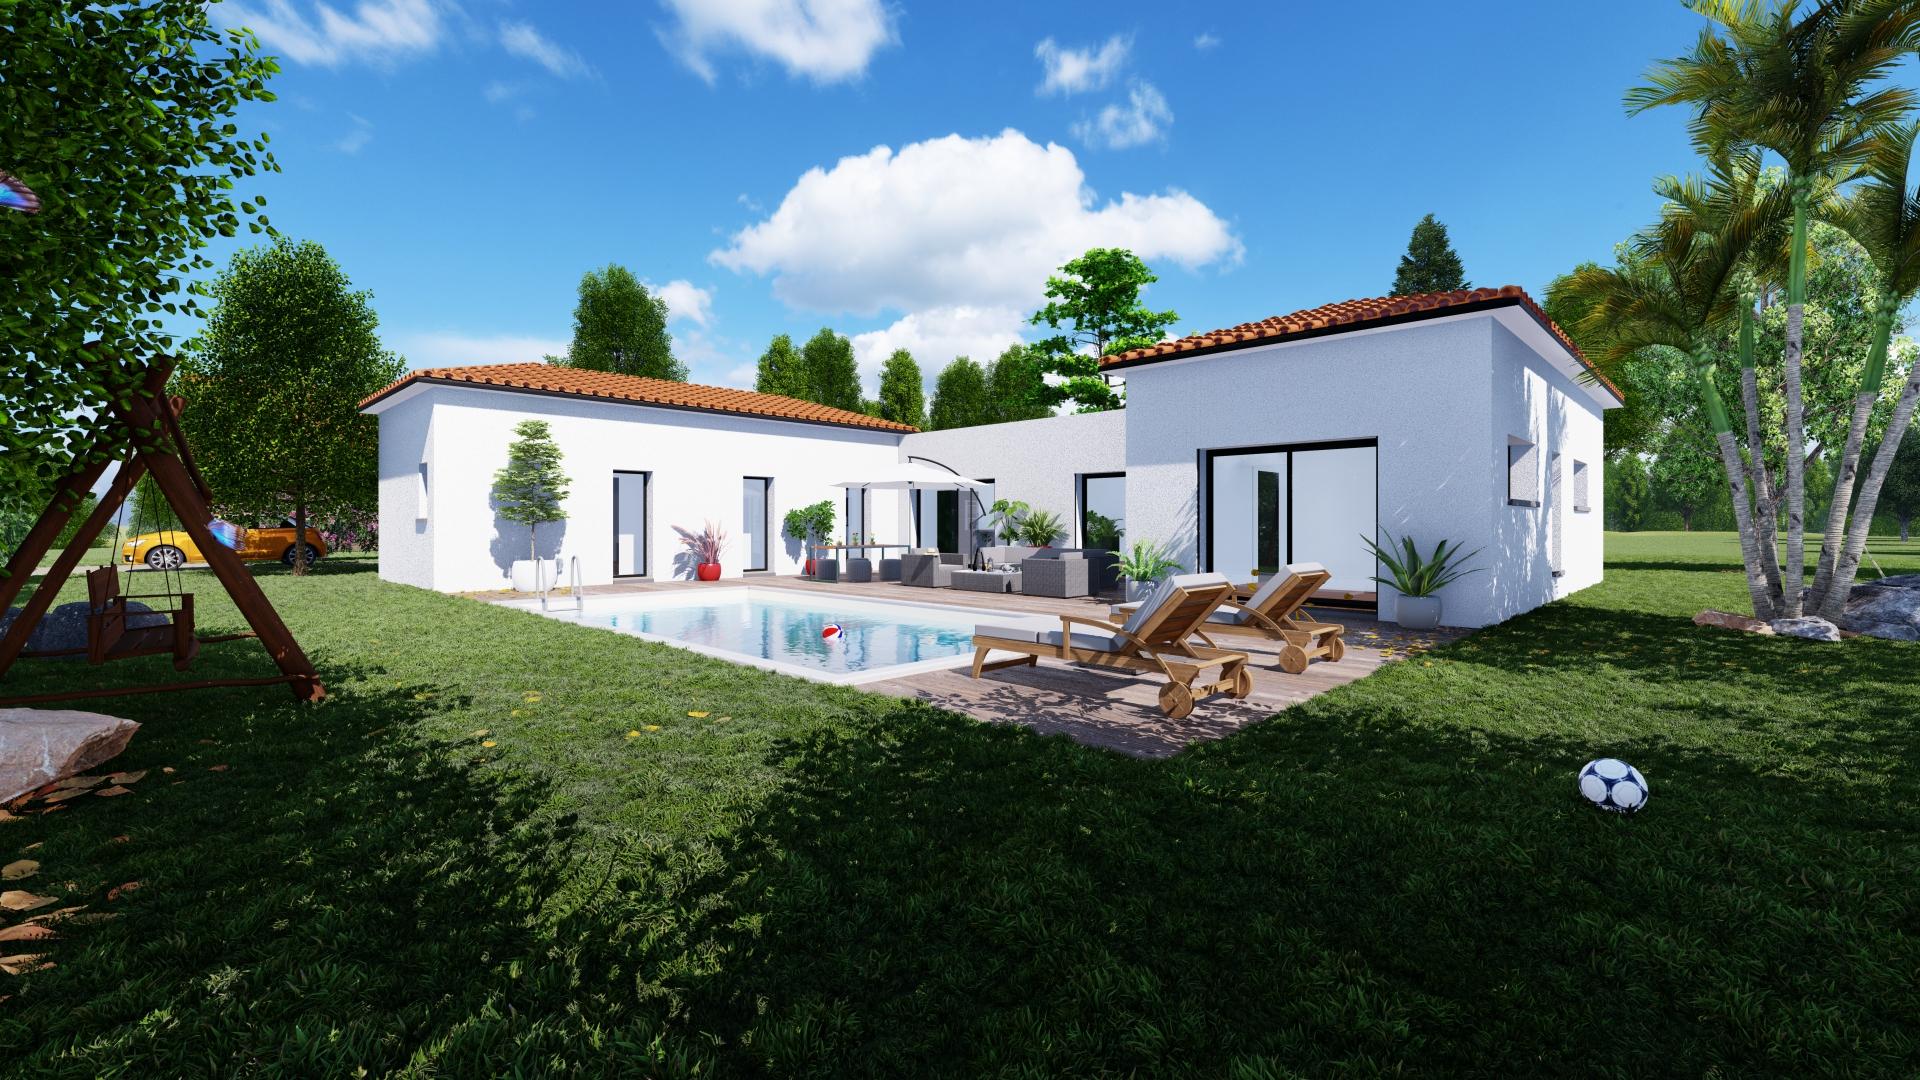 Maisons + Terrains du constructeur VILLAS SUD CREATION • 146 m² • PIBRAC